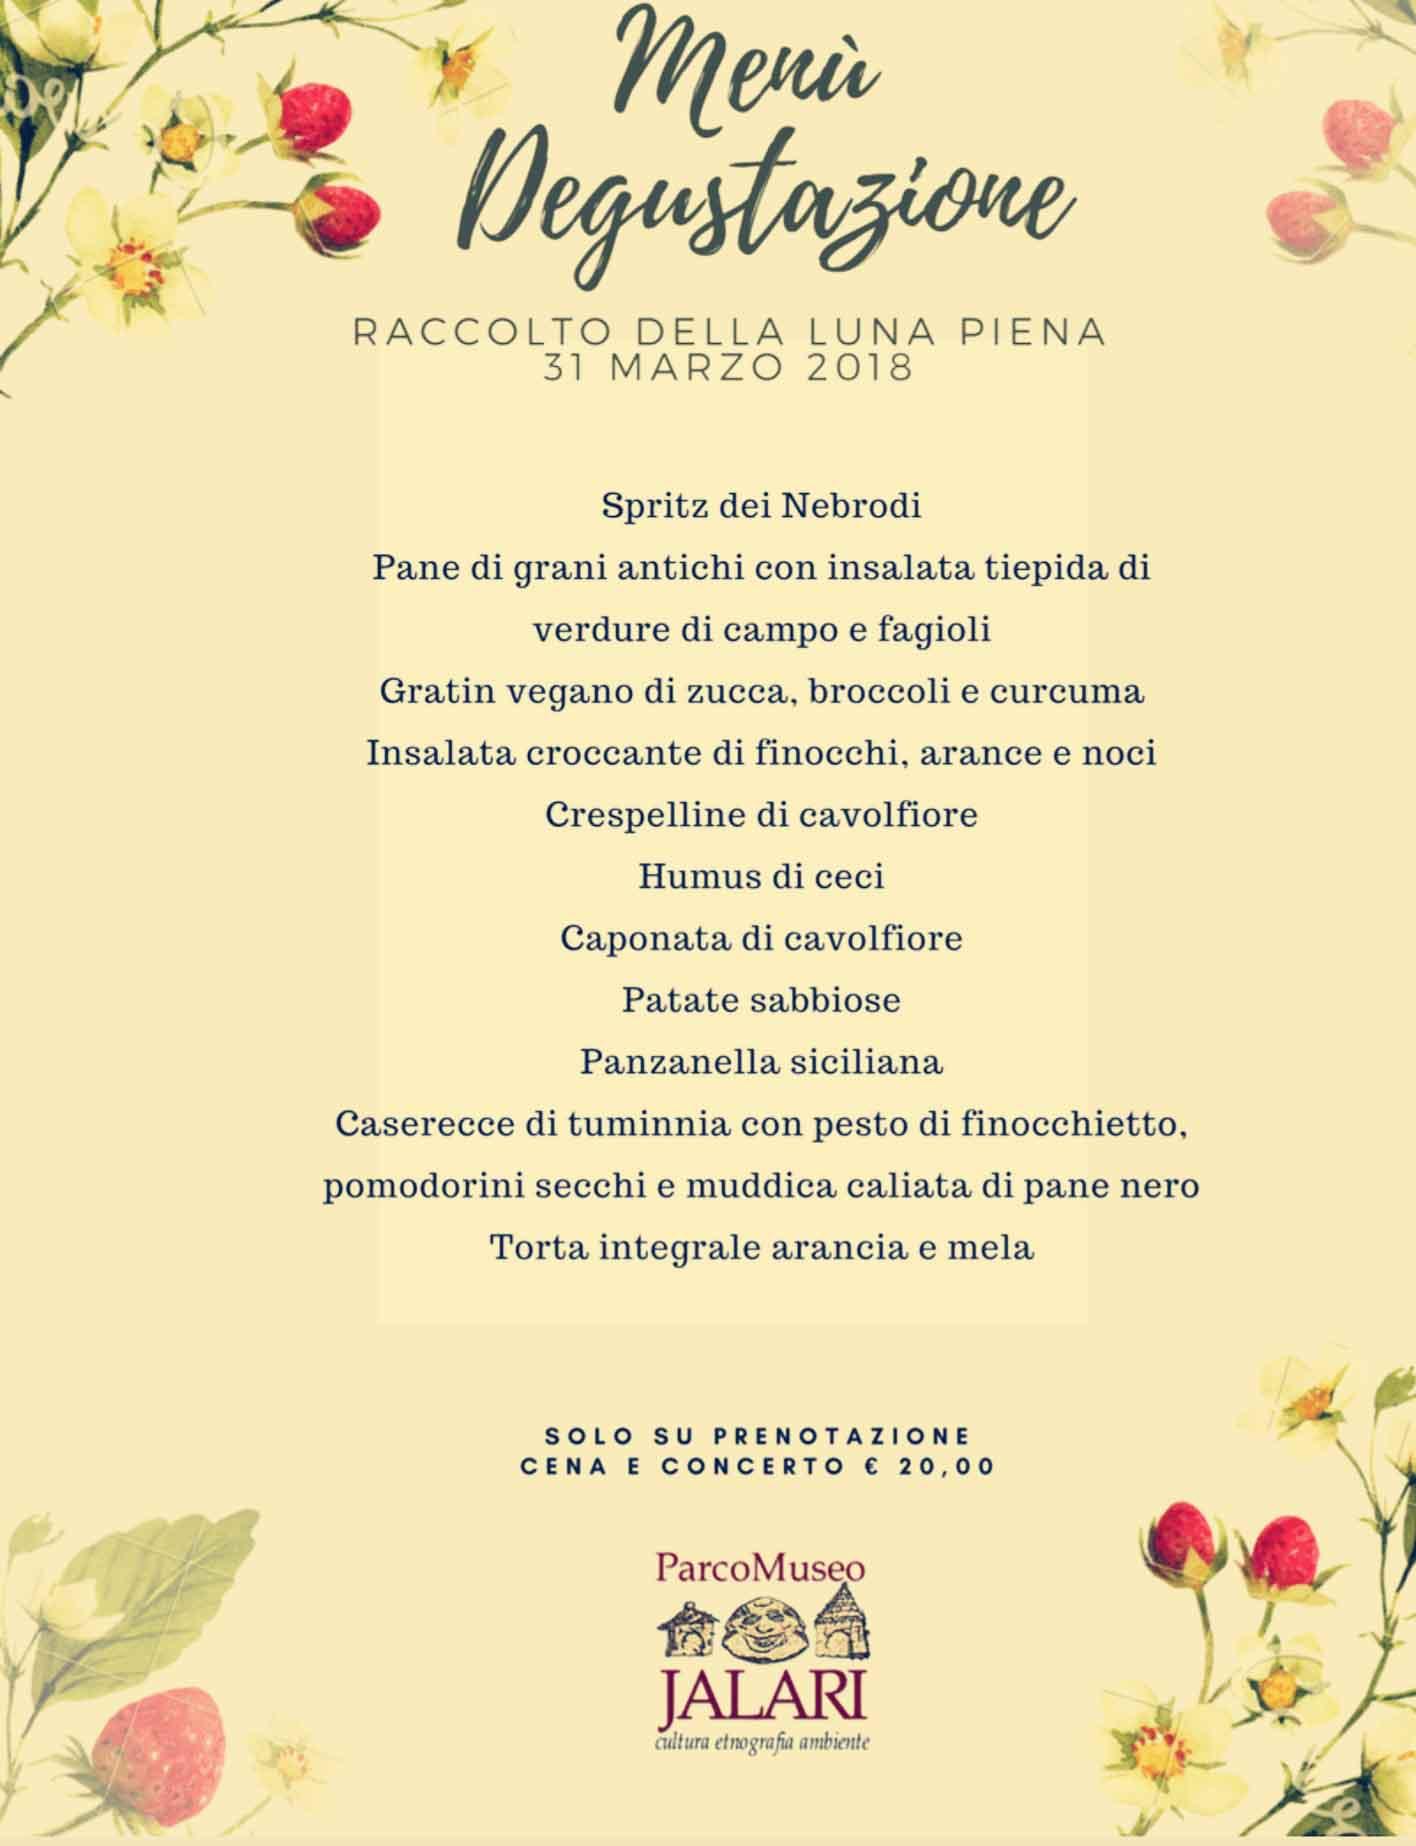 Festa del Raccolto 31 marzo al Parco Museo Jalari (Messina, Sicilia)